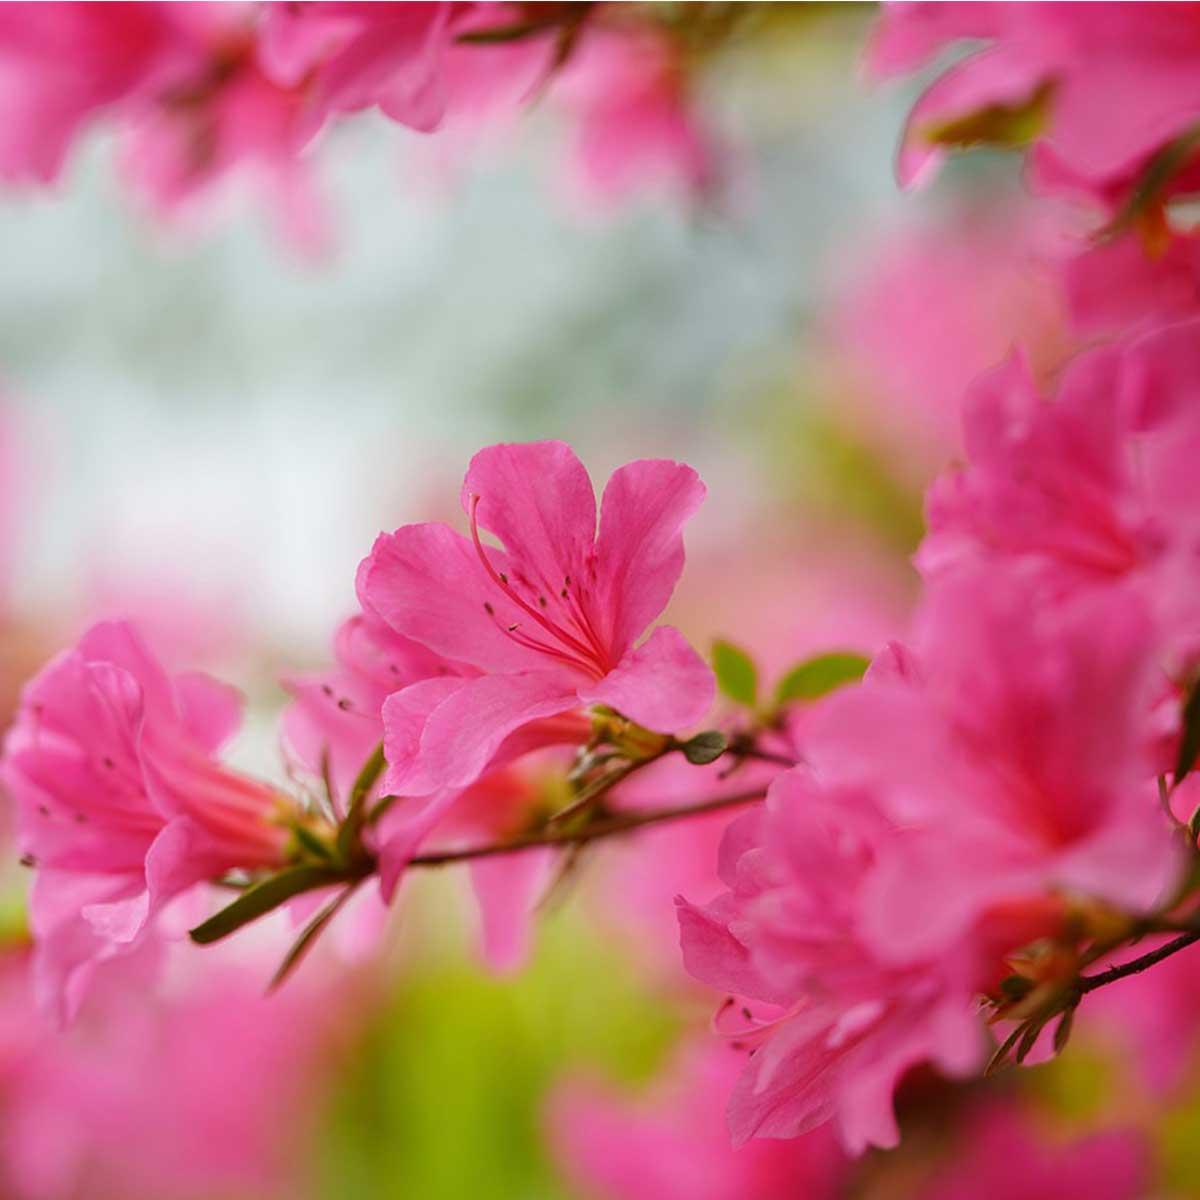 Plantas nacionales del continente asiático - Myrocarpus frondosus